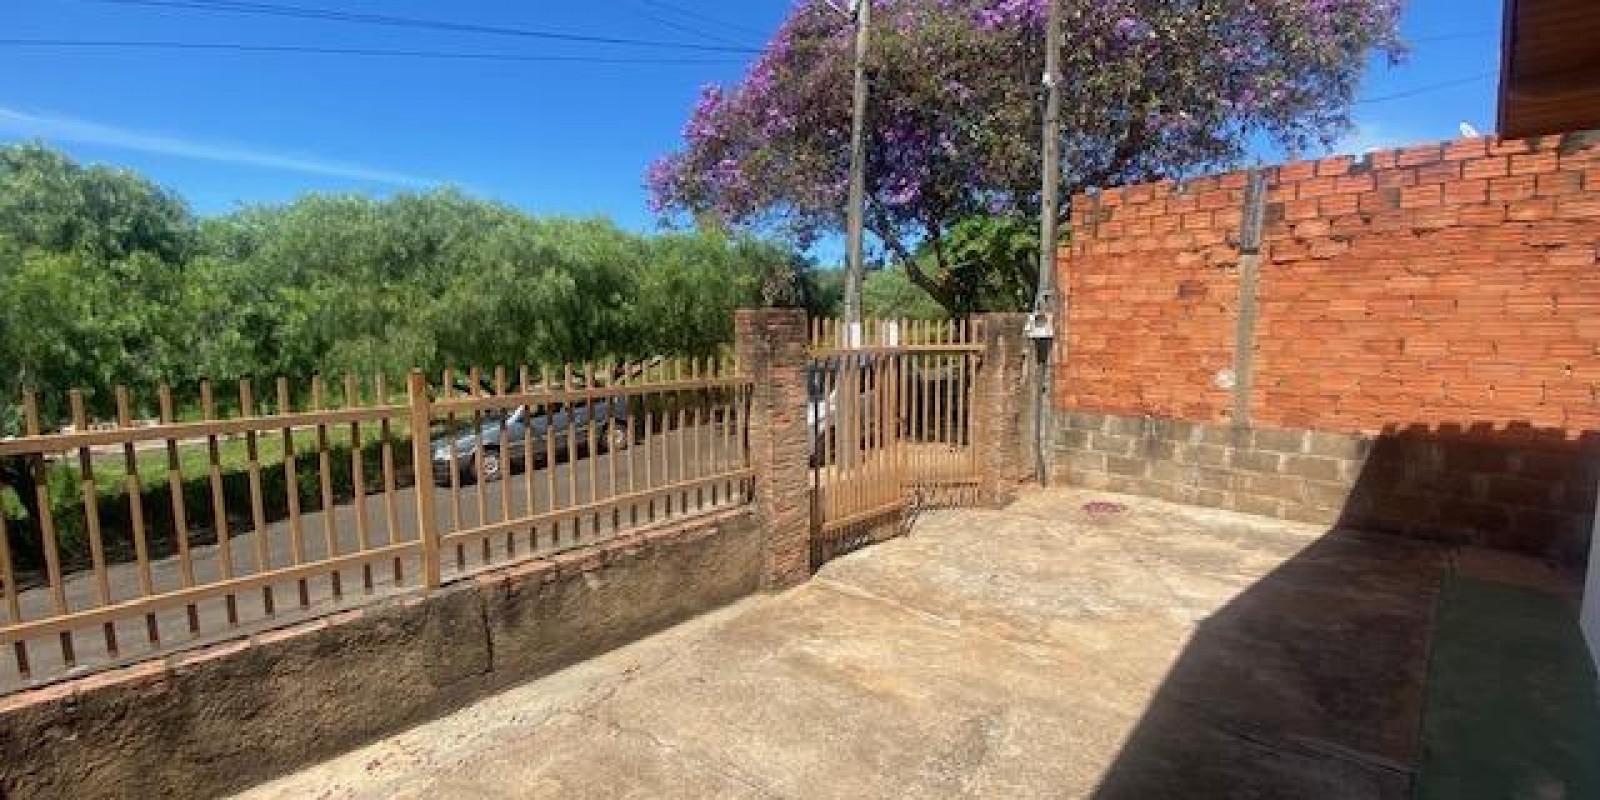 Venda Casa no Bairro Avaré 1 em Avaré SP  - Foto 12 de 14